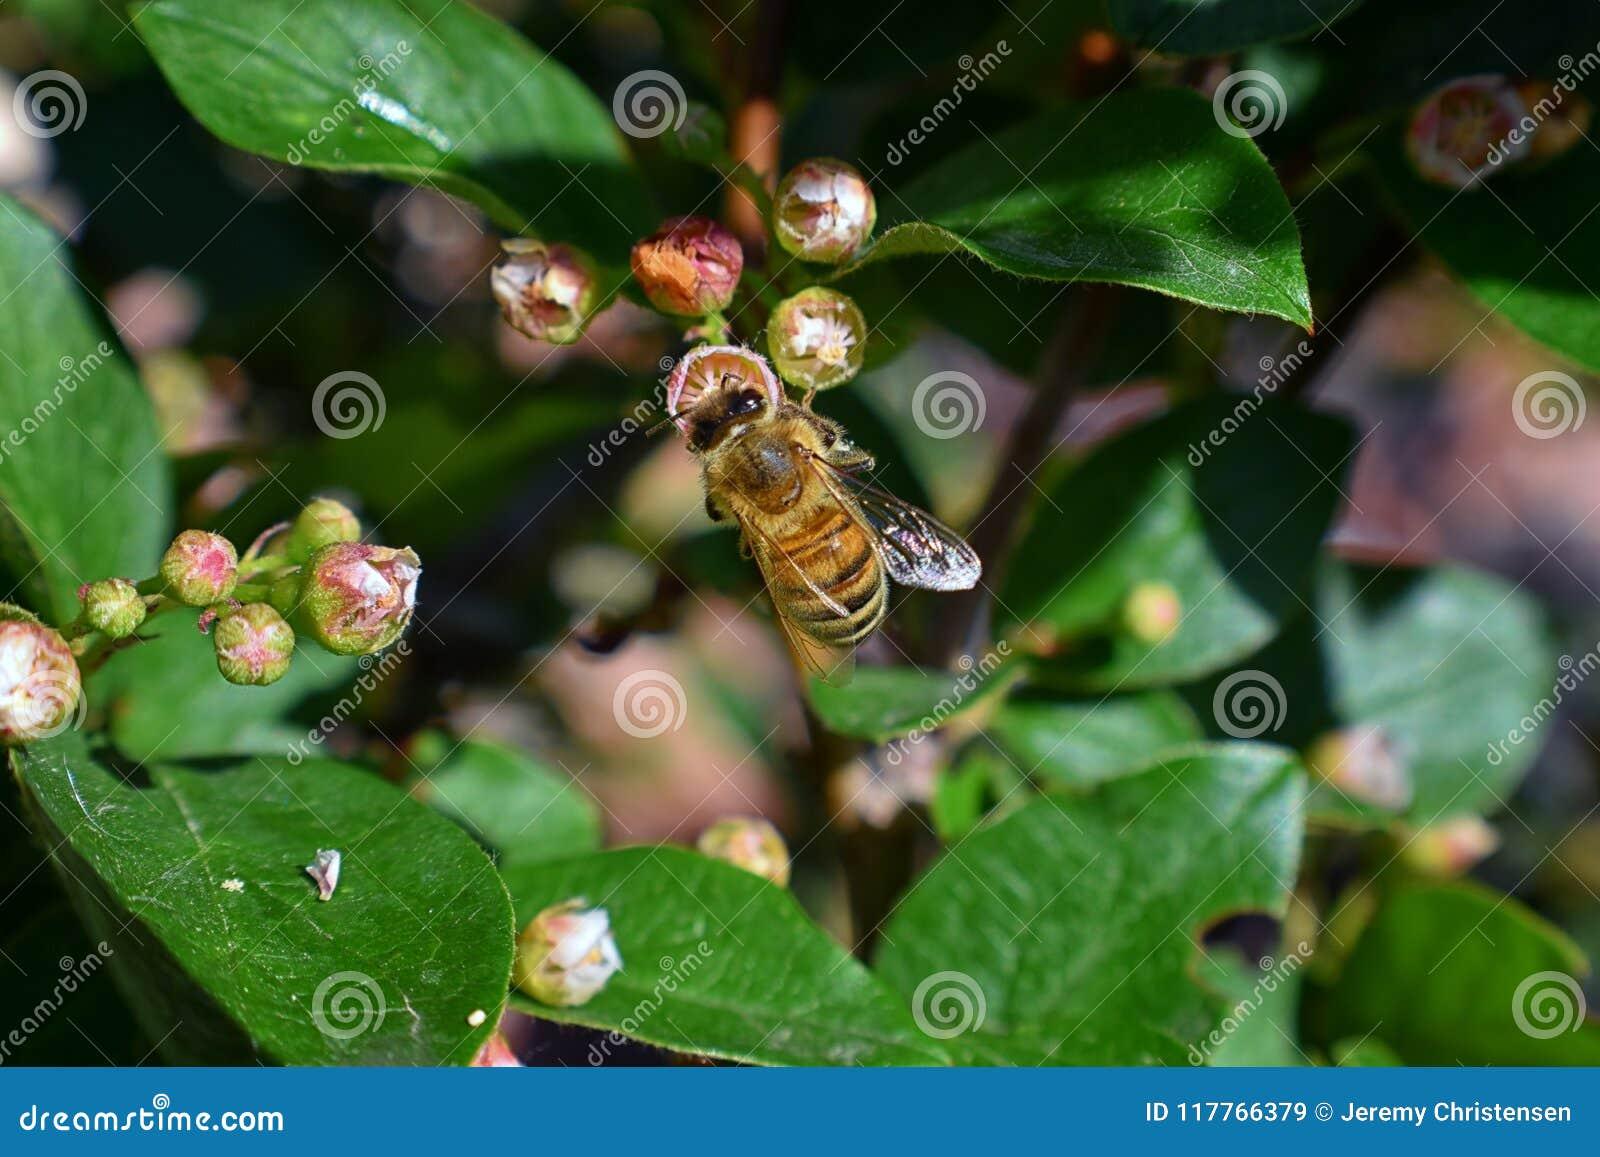 Honey Bee, Makronahaufnahmeansicht, Nektar und Blütenstaub auf einer Cotoneasterblumenblüte sammelnd, die eine Klasse von Blütenp